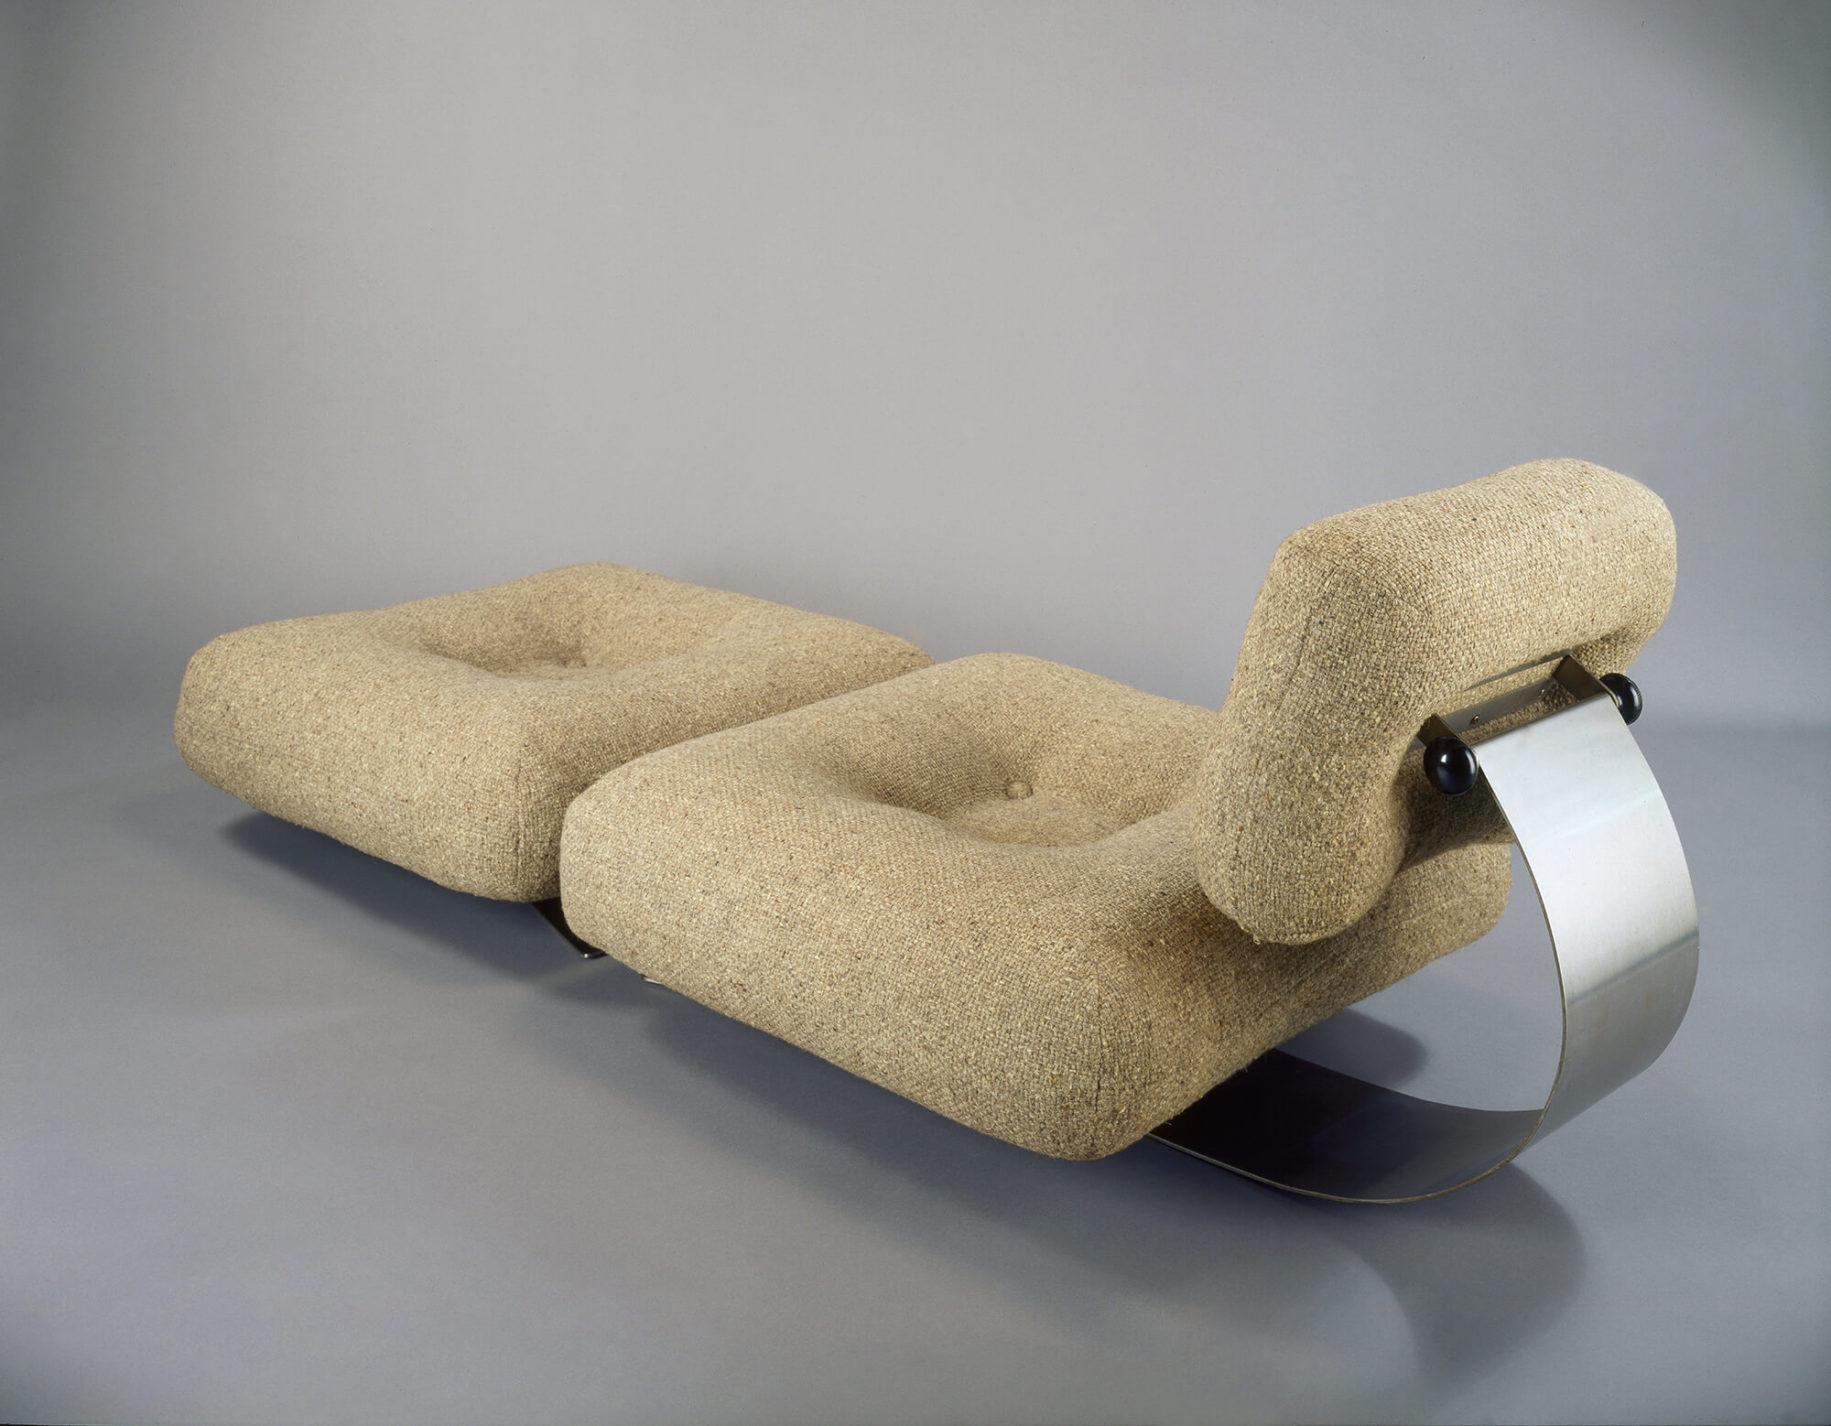 Chauffeuse beige et repose-pieds faits de grands coussins carrés aux coins arrondis creusés au centre. Soutenu par une barre d'aluminium courbée, un coussin rectangulaire sert de dossier.